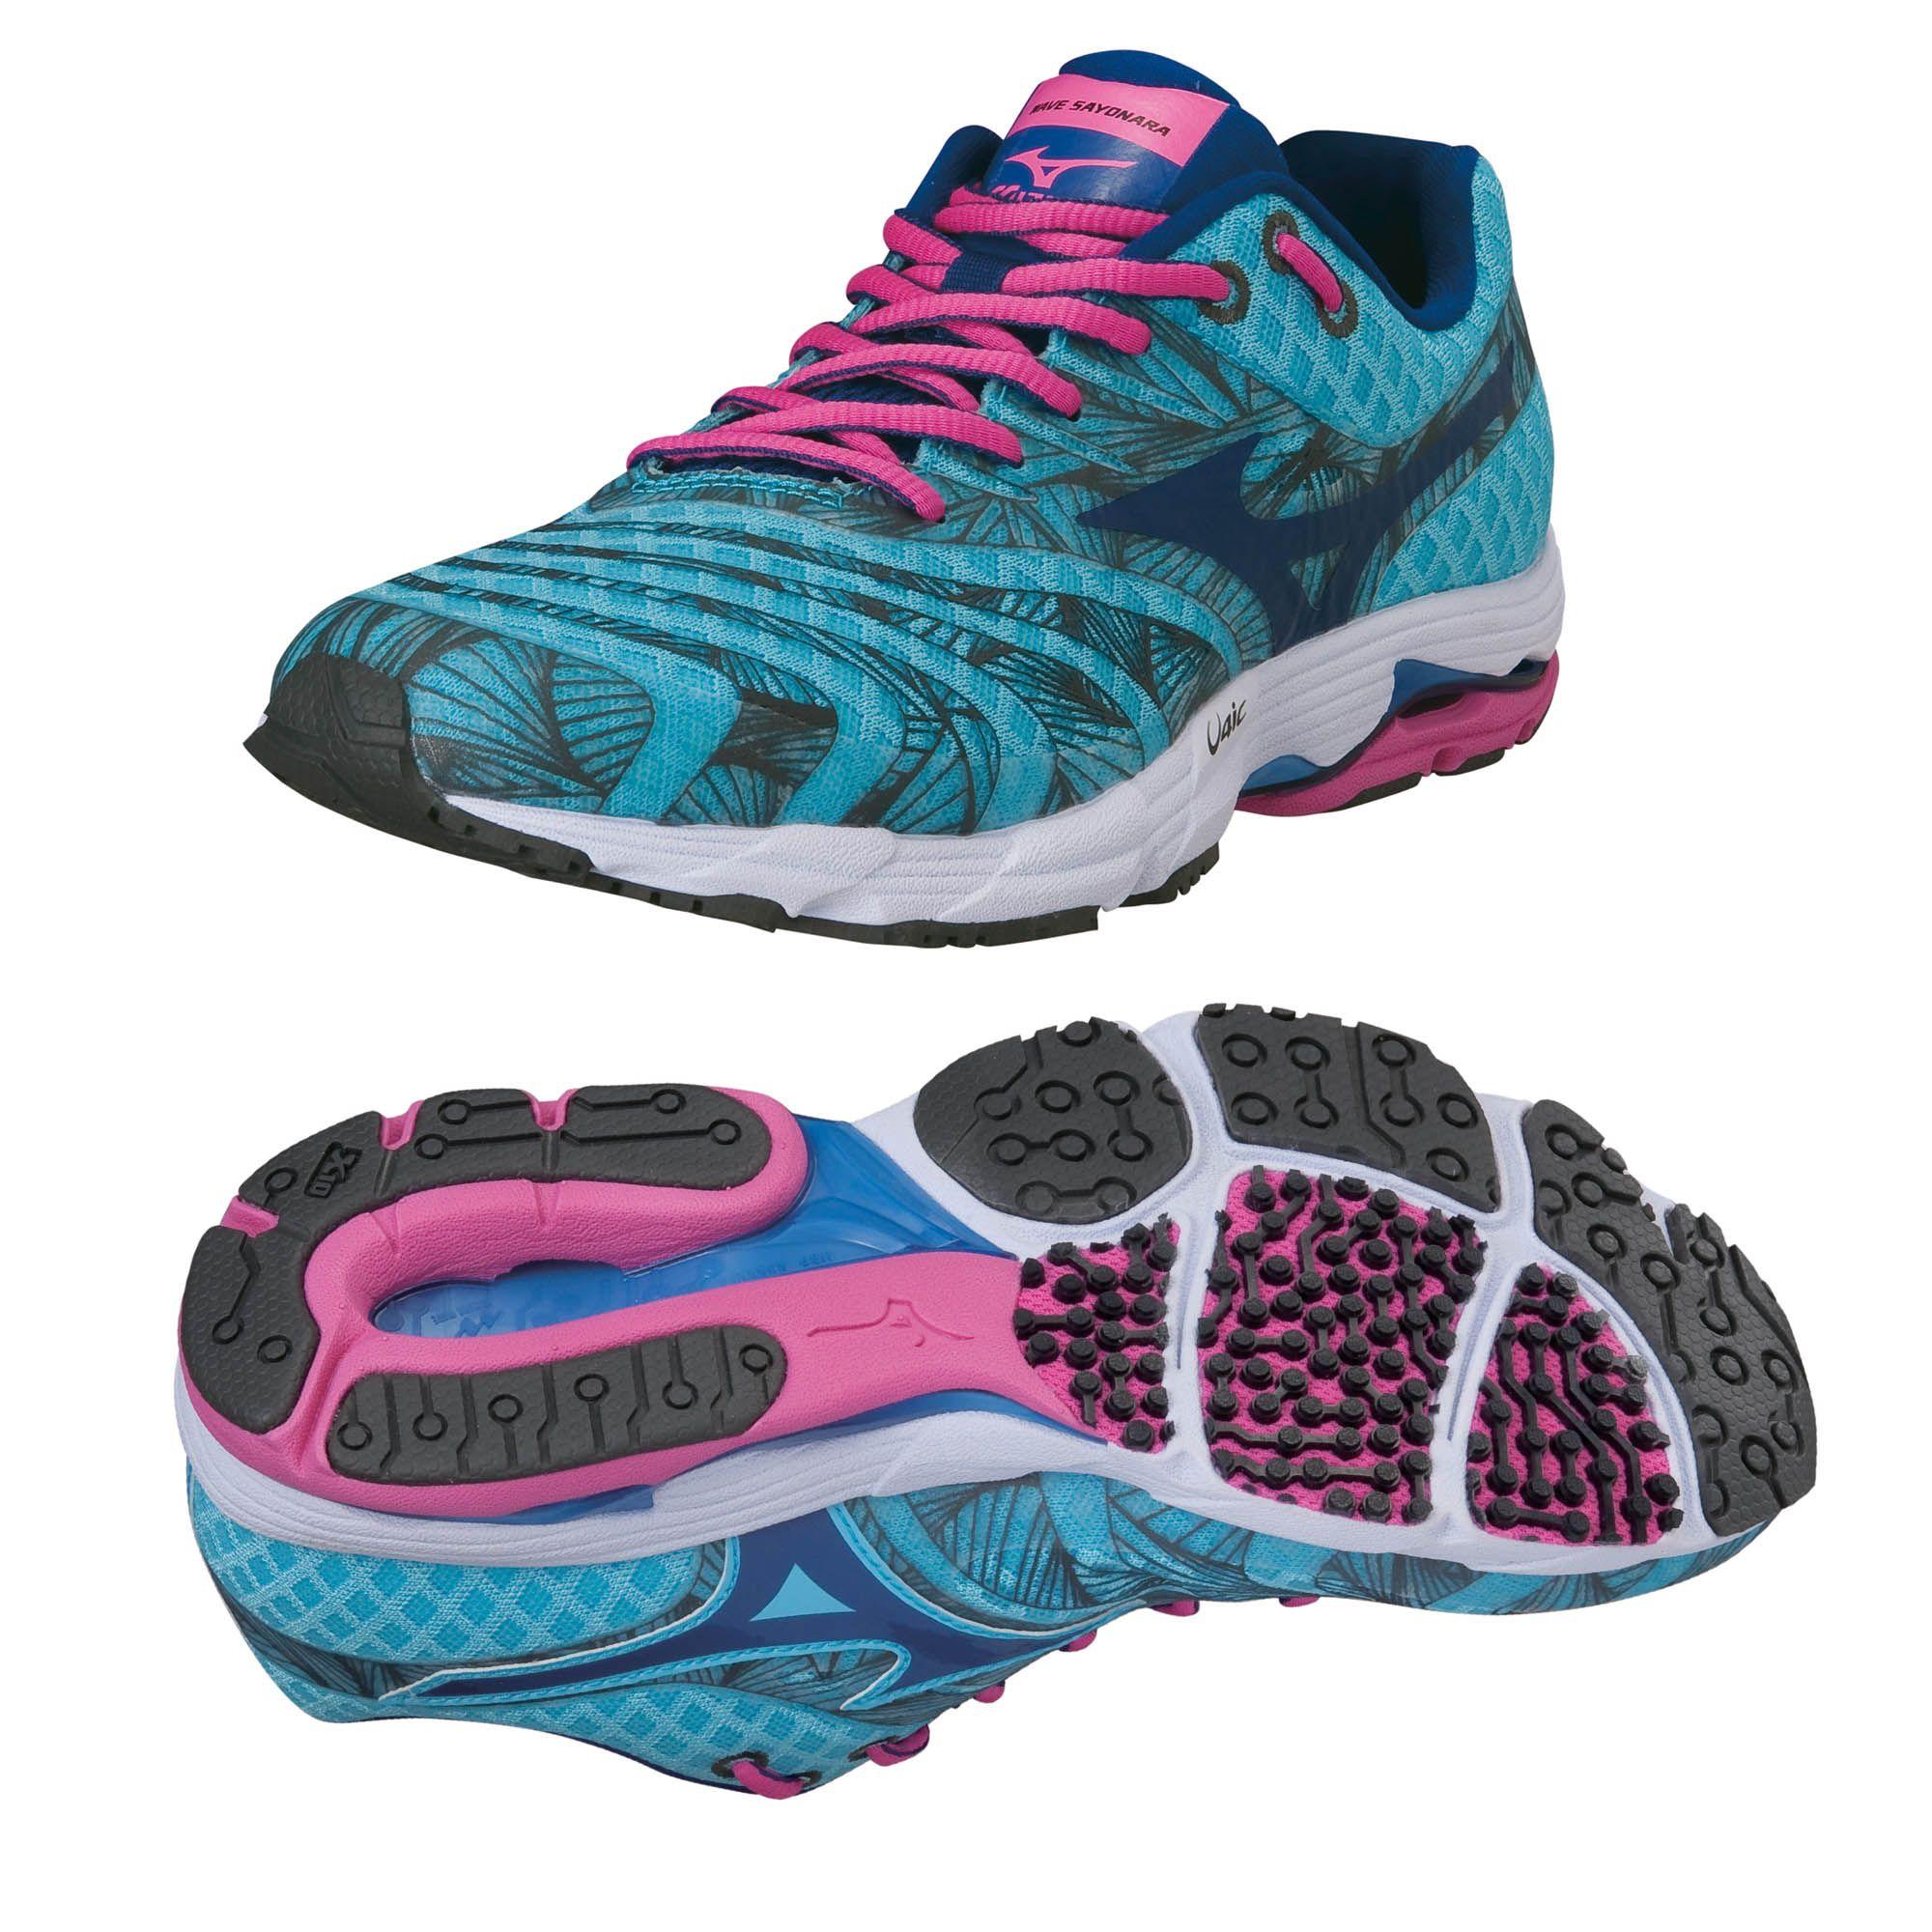 Mizuno Sayonara Running Shoes Review